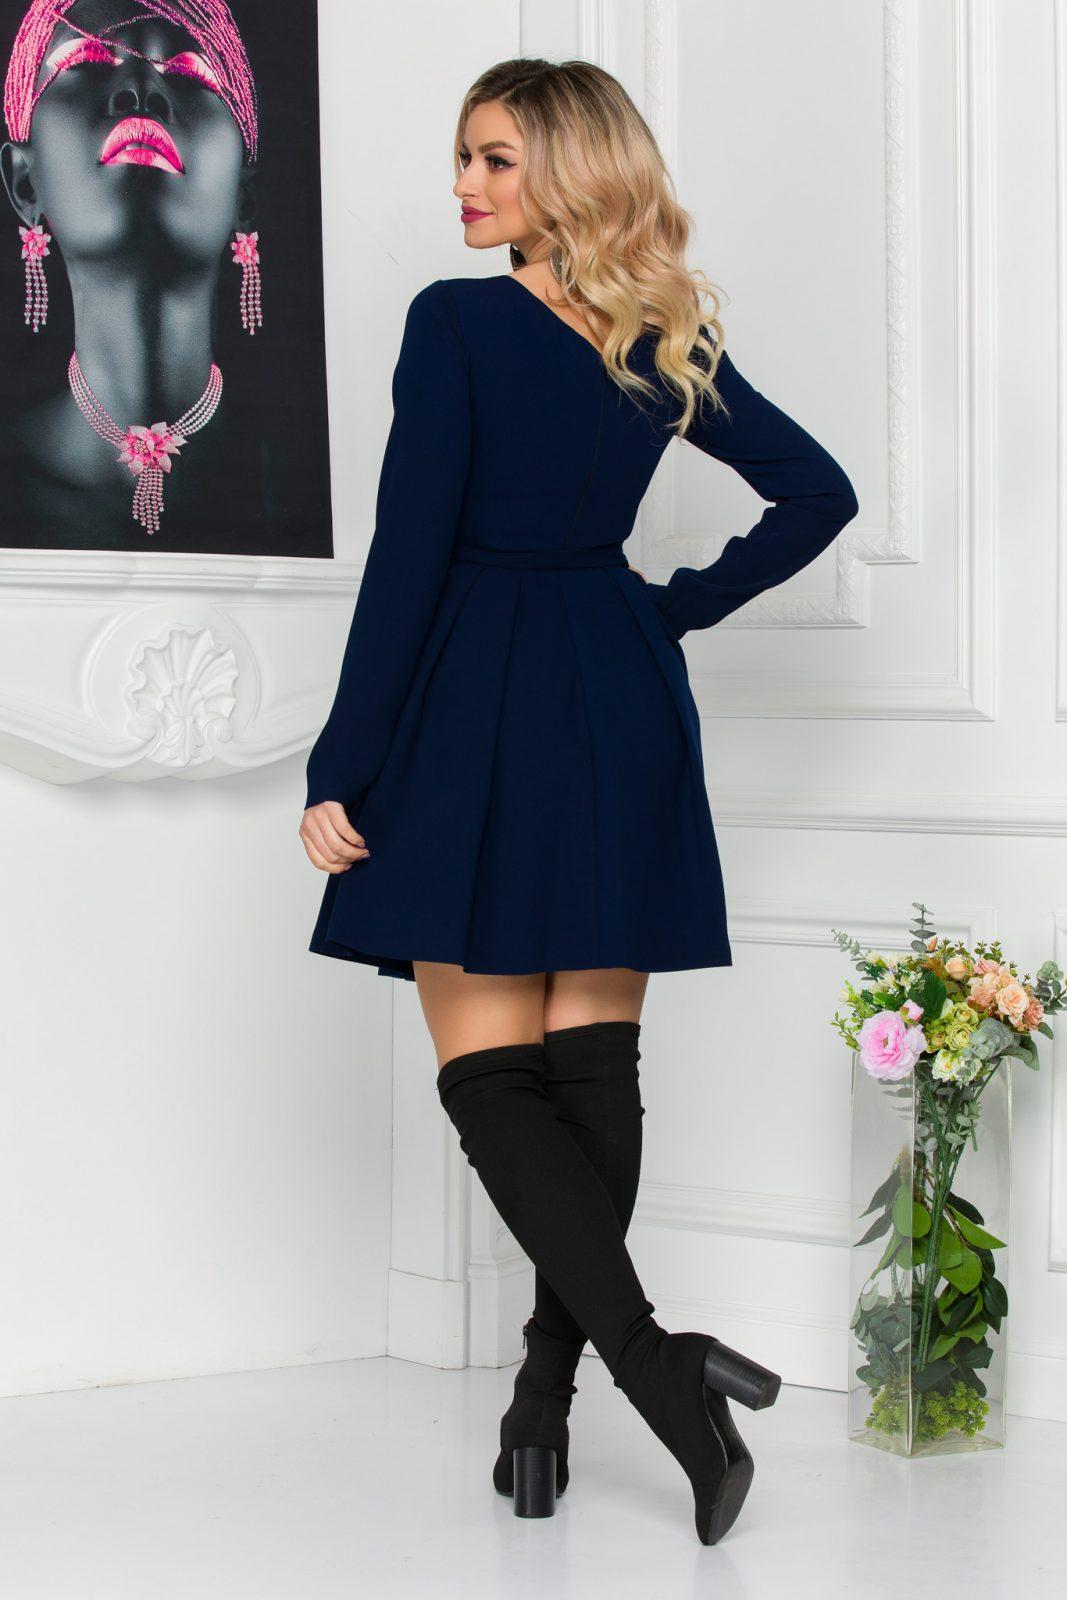 Μπλε Μακρυμάνικο Φόρεμα Anabell 8843 2